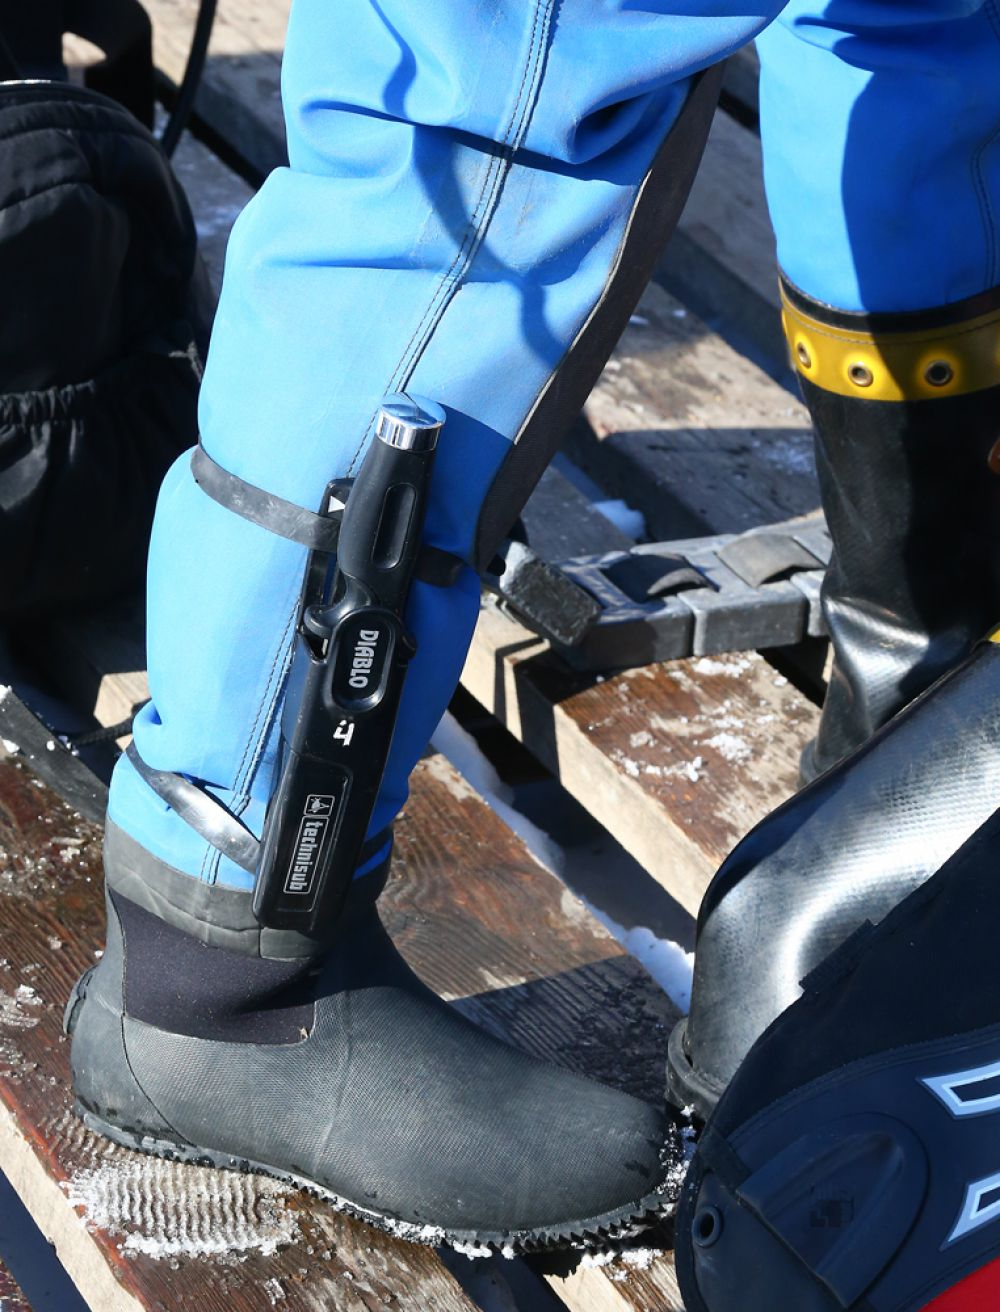 На случай форс-мажорных обстоятельств в комплекте спасателей есть нож